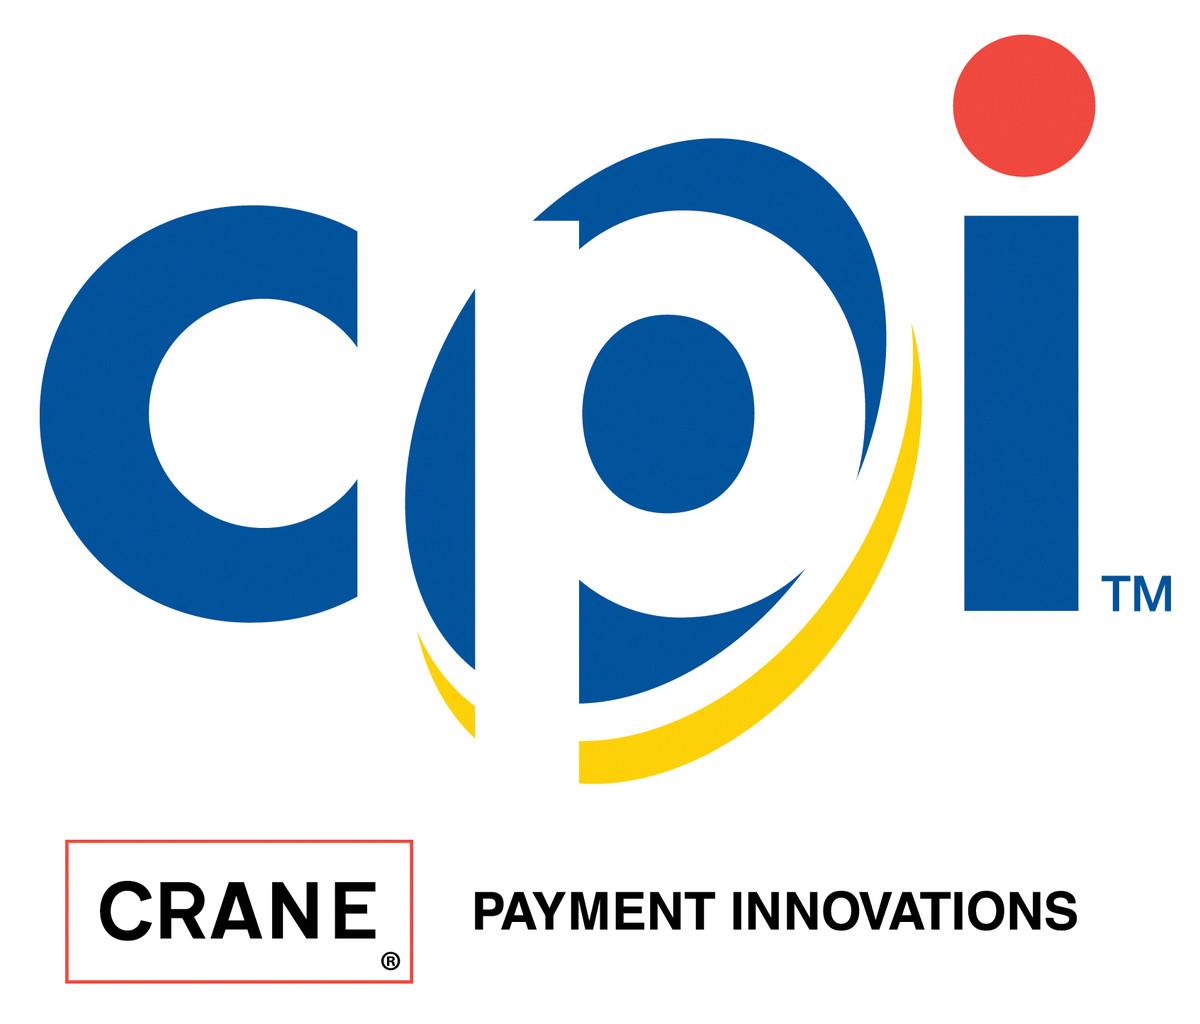 Мобильные платежи Crane Co. приобретает Microtronic AG